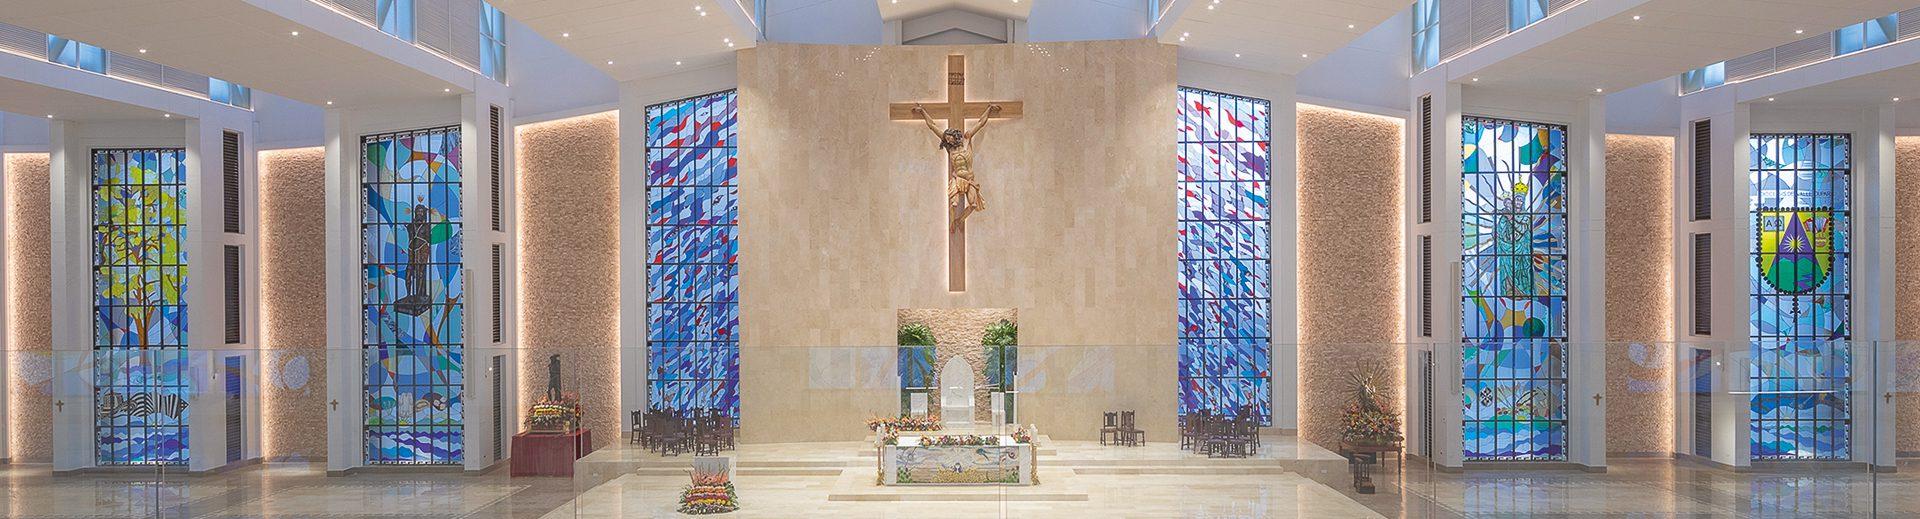 8028_z_10_Catedral du Valledupar_Banner